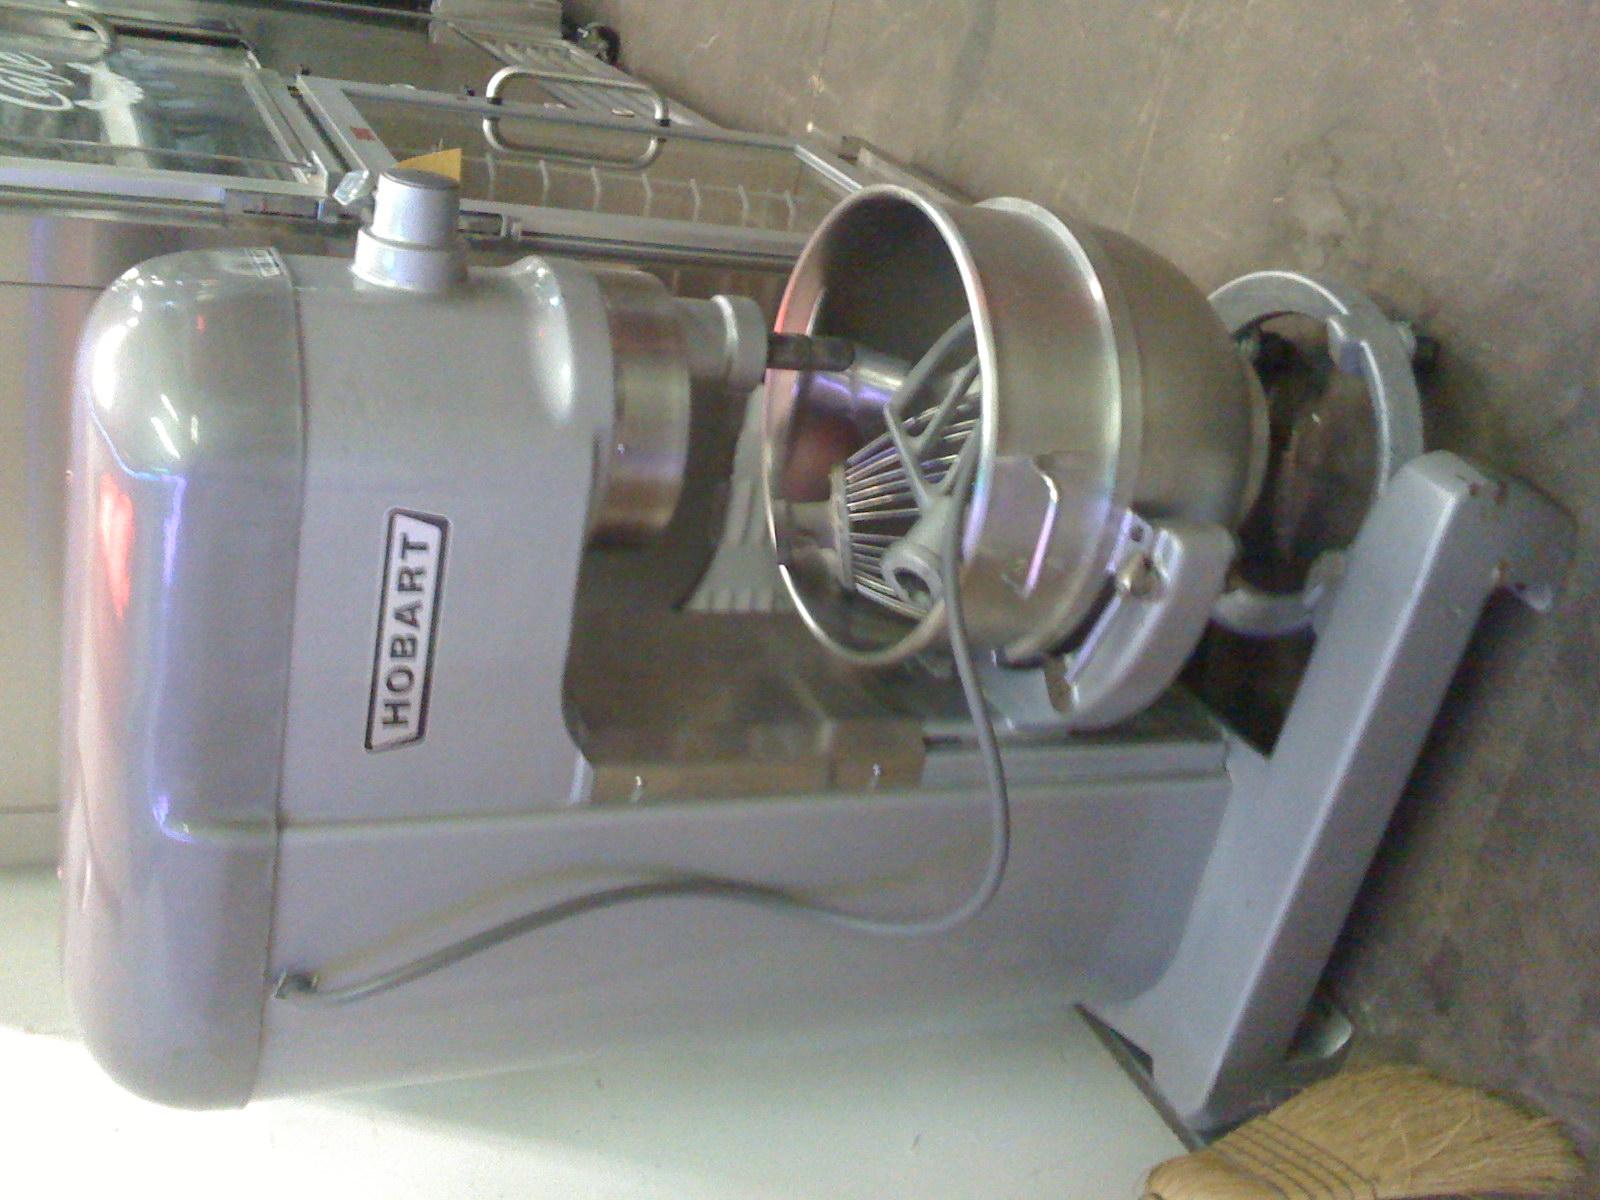 Like New HObart 60 quart mixer